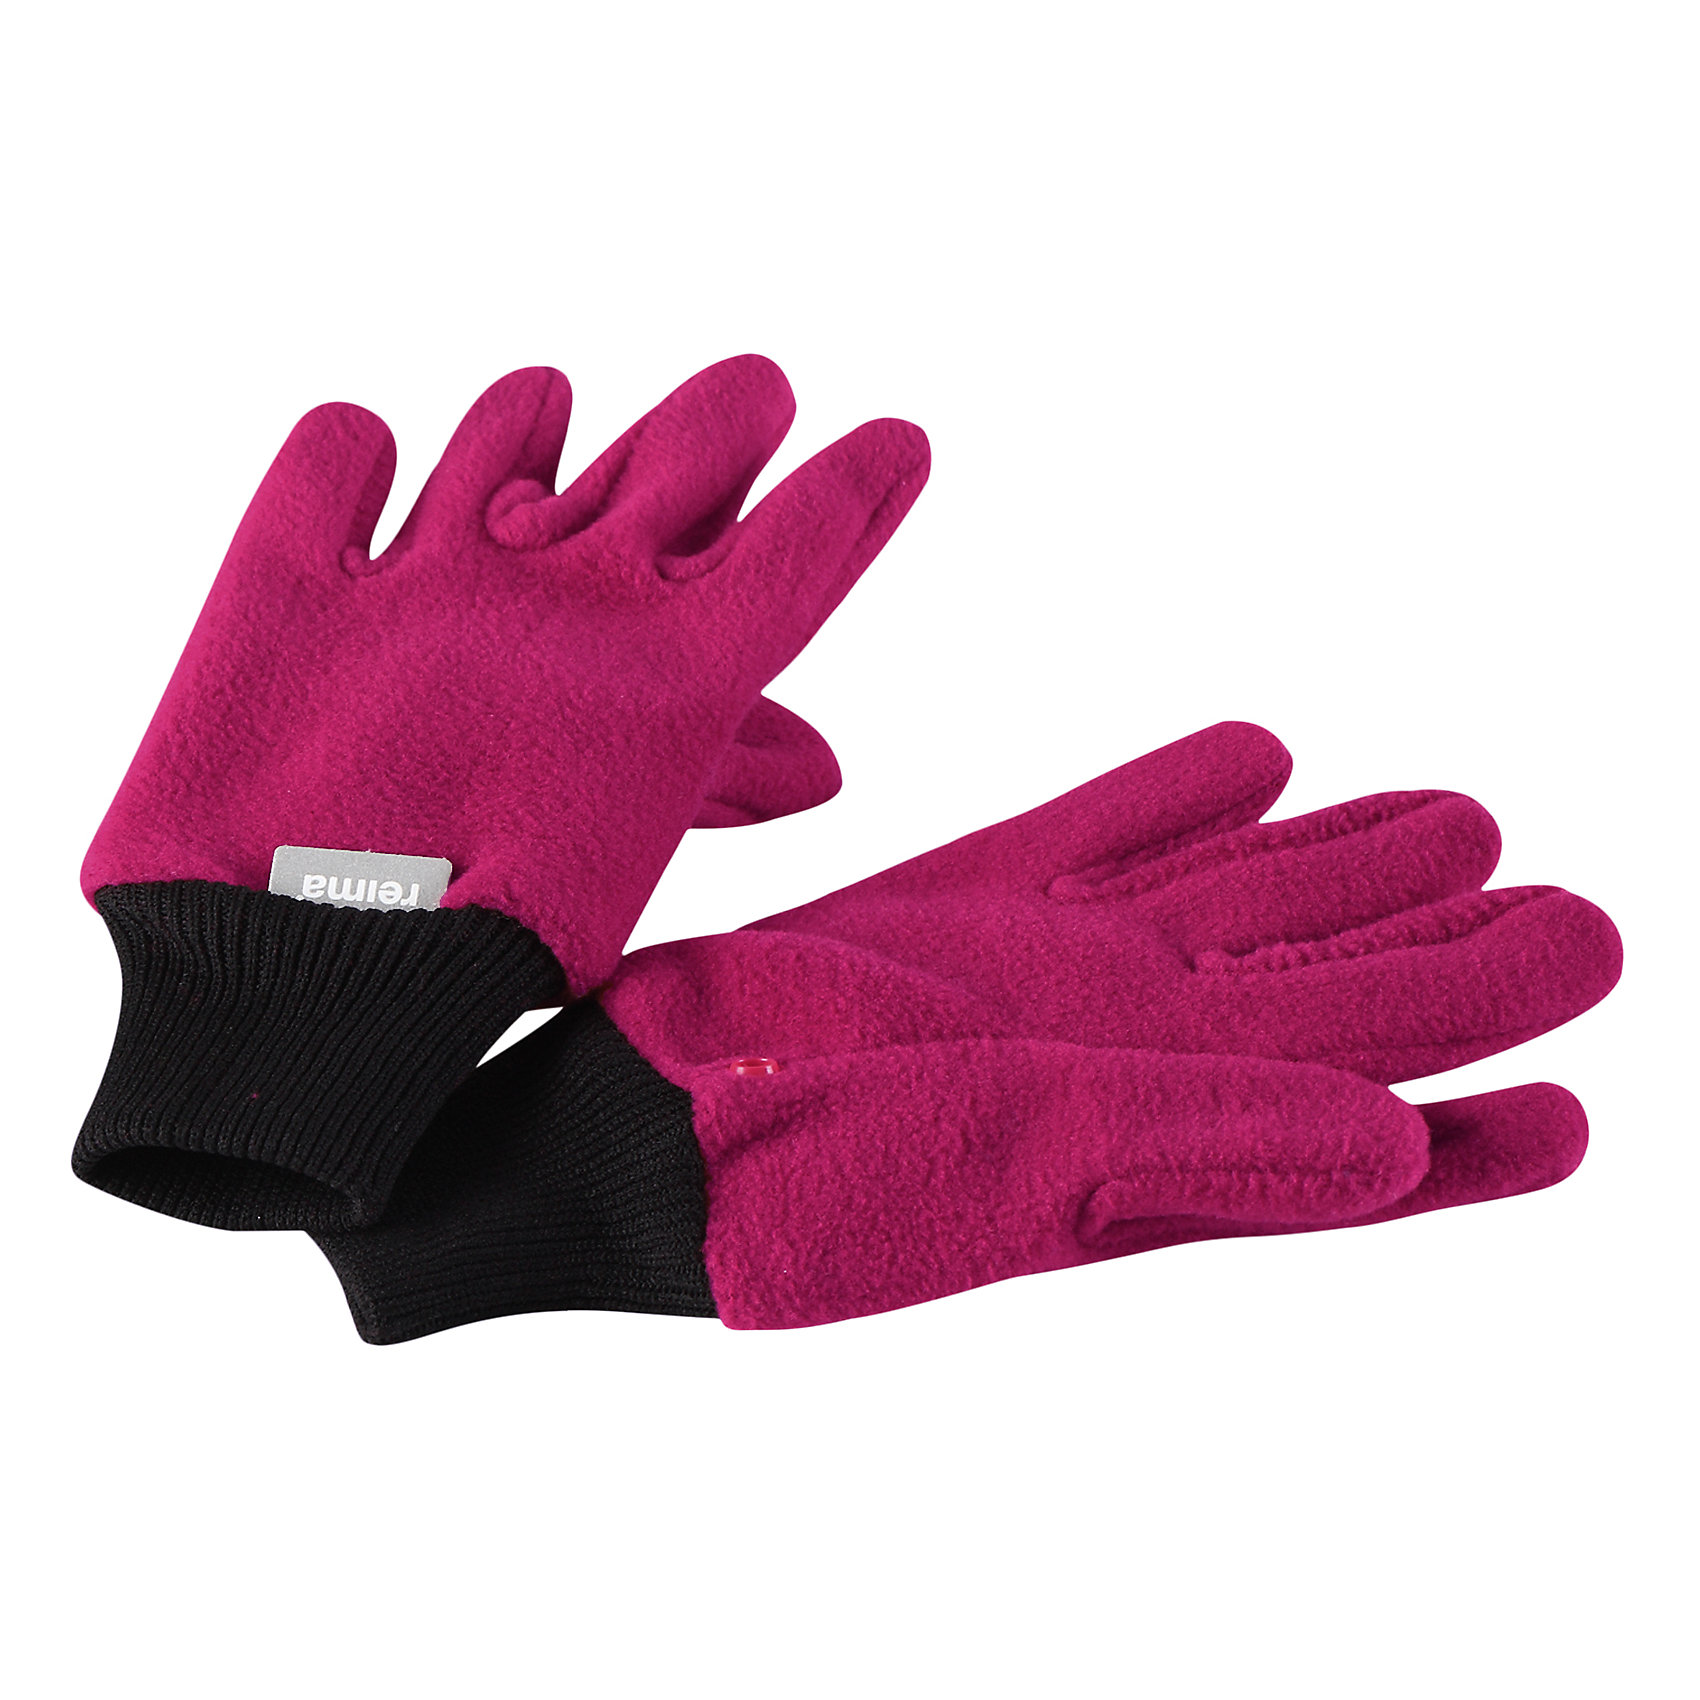 Флисовые перчатки Reima OskПерчатки, варежки<br>Характеристики товара:<br><br>• цвет: розовый;<br>• состав: 100% полиэстер;<br>• сезон: зима;<br>• выводят влагу наружу;<br>• дышащий, теплый и быстросохнущий флис;<br>• кнопки, чтобы пристегивать перчатки друг у другу на время хранения;<br>• легкий стиль, без подкладки;<br>• эластичный кант на манжетах;<br>• страна бренда: Финляндия;<br>• страна изготовитель: Китай.<br><br>Мягкие и удобные детские перчатки из флиса. Теплый, дышащий и быстросохнущий флисовый материал отводит влагу в верхние слои. Облегченная модель без подкладки превосходно подойдет для поддевания под непромокаемые варежки в морозную погоду. Удобная резинка. Снабжены кнопкой и пристегиваются друг к другу для хранения.<br><br>Перчатки Osk Reima от финского бренда Reima (Рейма) можно купить в нашем интернет-магазине.<br><br>Ширина мм: 162<br>Глубина мм: 171<br>Высота мм: 55<br>Вес г: 119<br>Цвет: розовый<br>Возраст от месяцев: 120<br>Возраст до месяцев: 144<br>Пол: Унисекс<br>Возраст: Детский<br>Размер: 7/8,3/4,5/6<br>SKU: 6902139